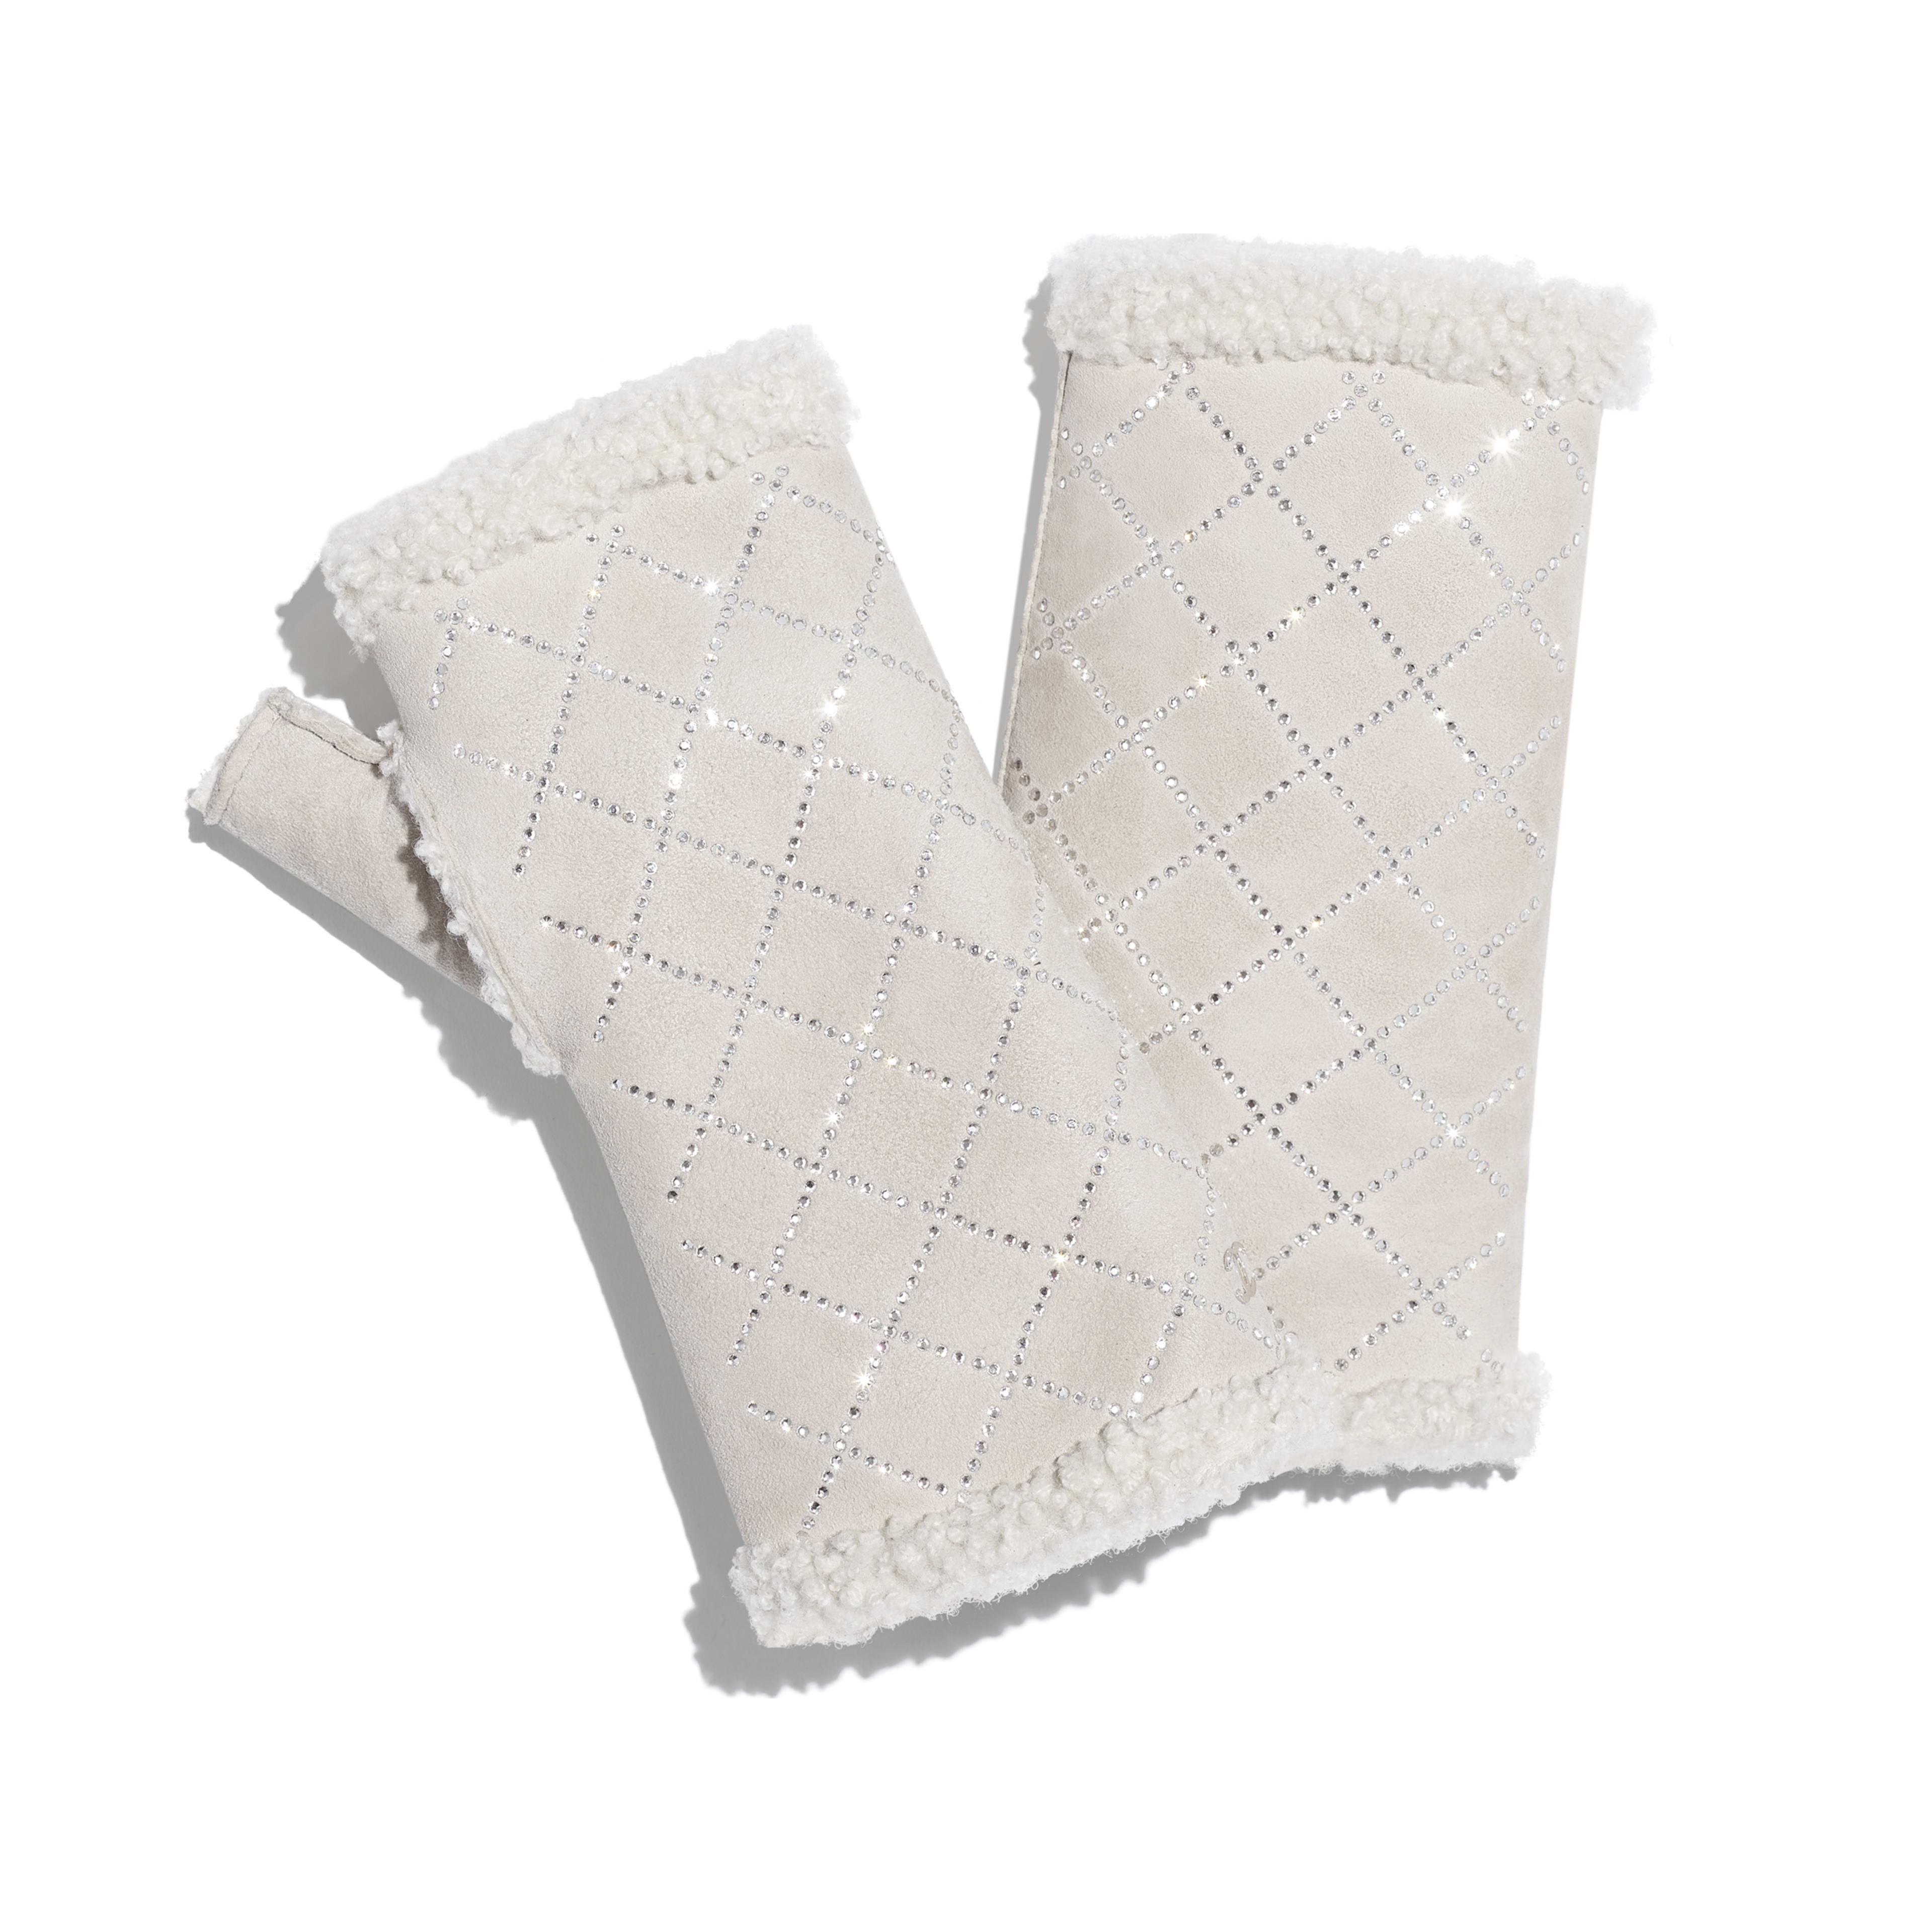 手套 - 象牙白 - 雙面剪羊毛 & 水鑽 - 預設視圖 - 查看全尺寸版本